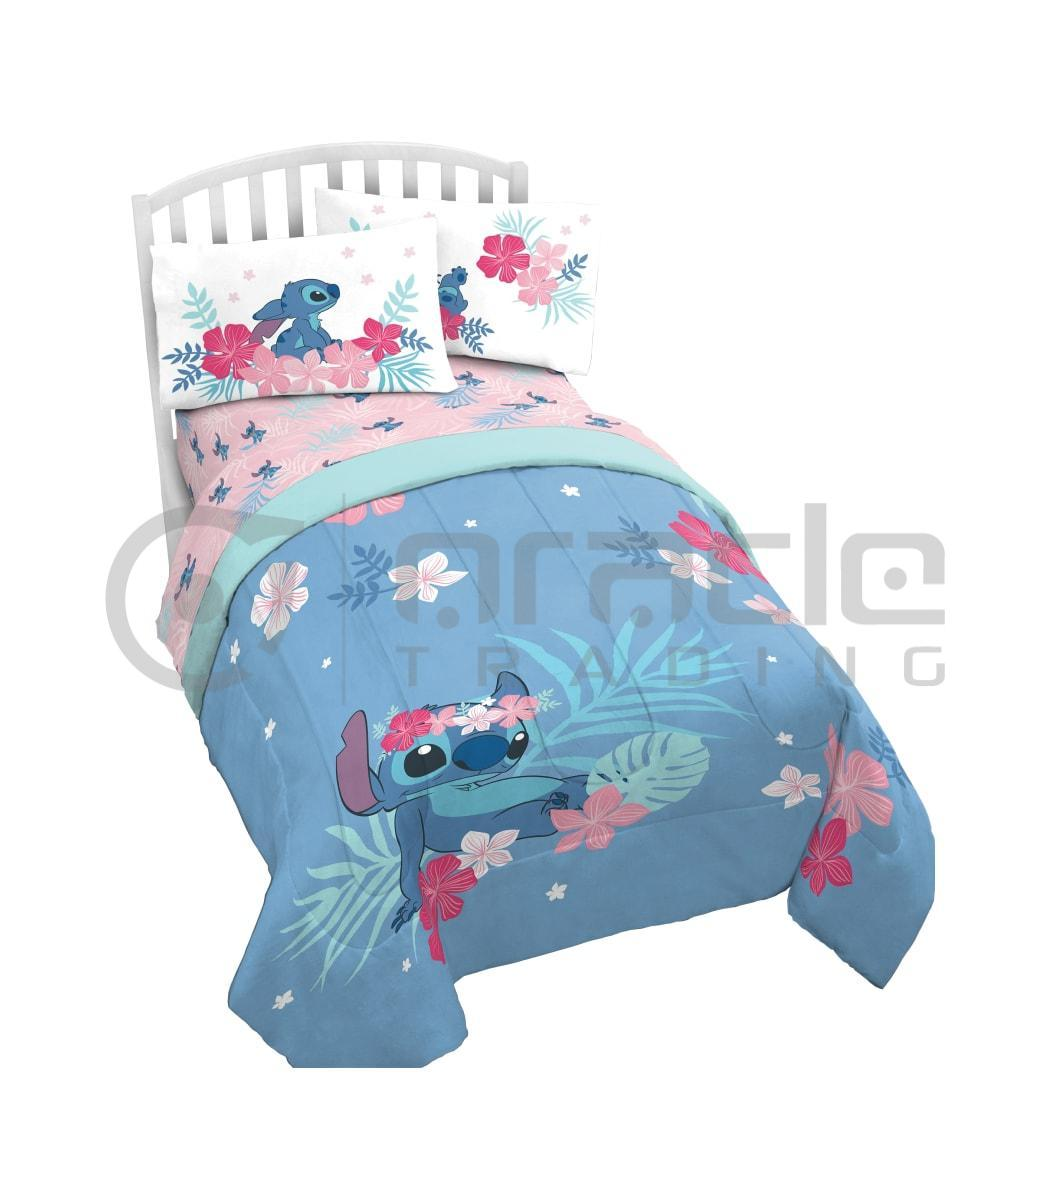 Lilo & Stitch Comforter Set